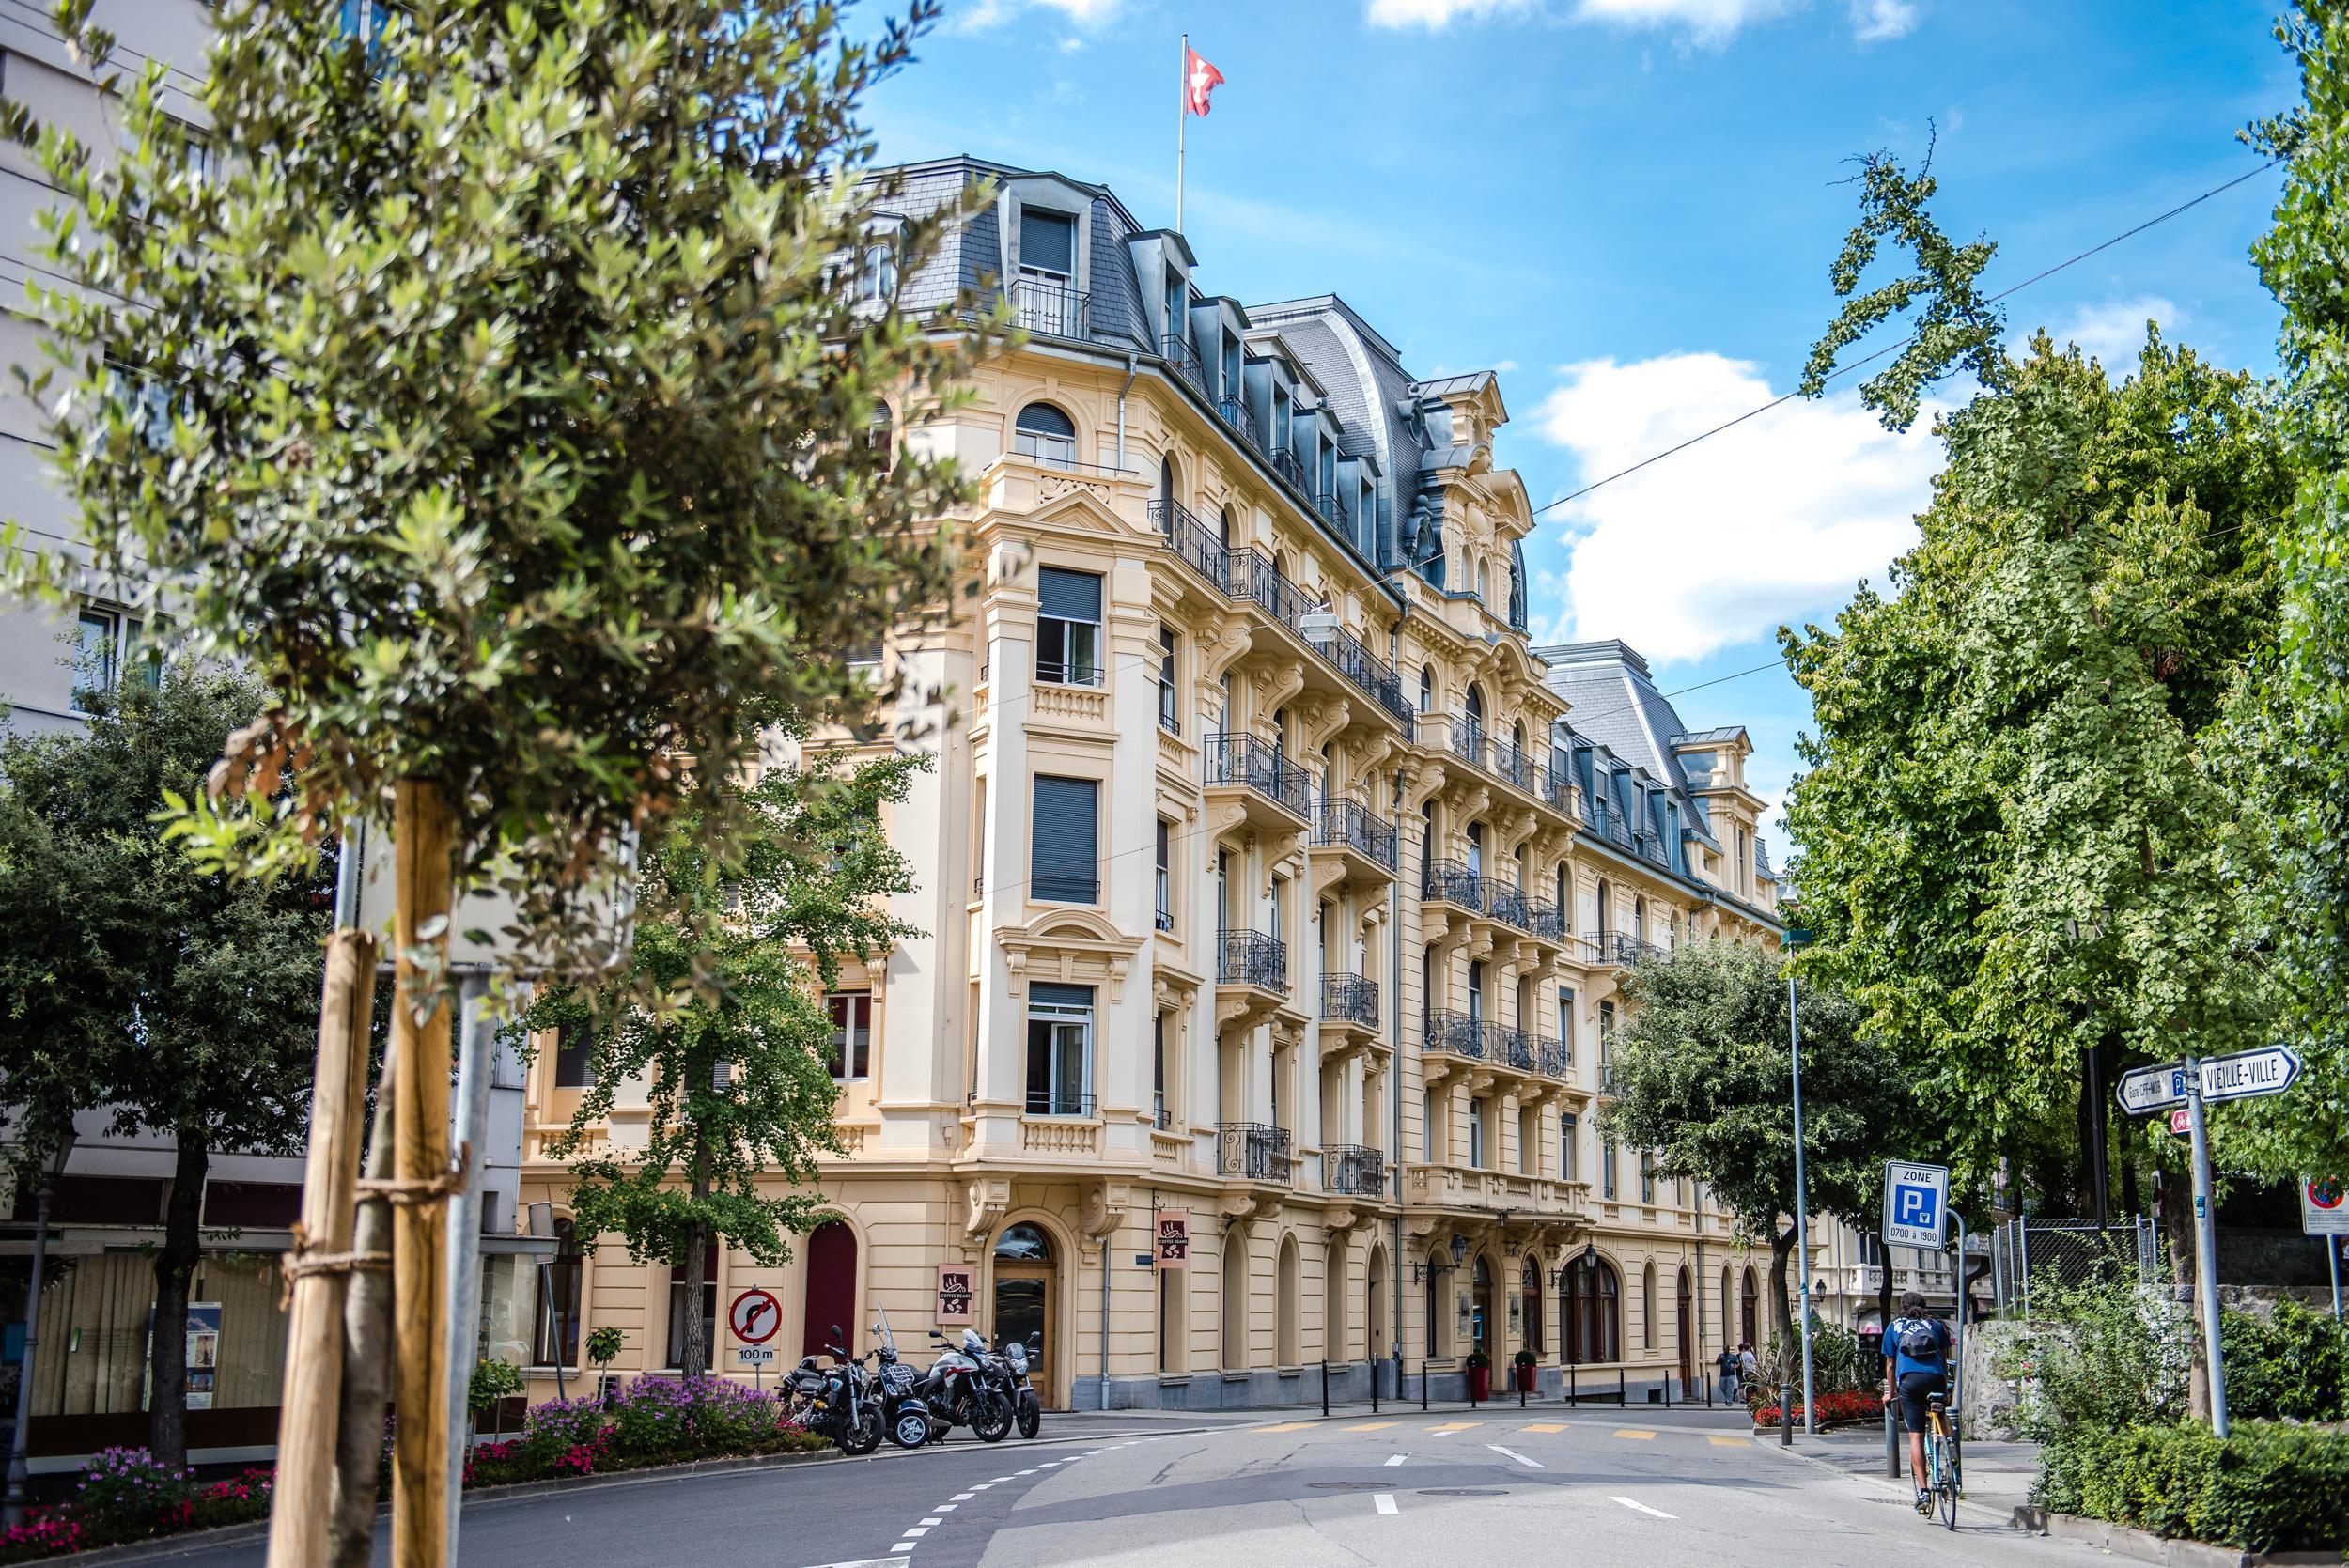 Hotel Institute Montreux (HIM)